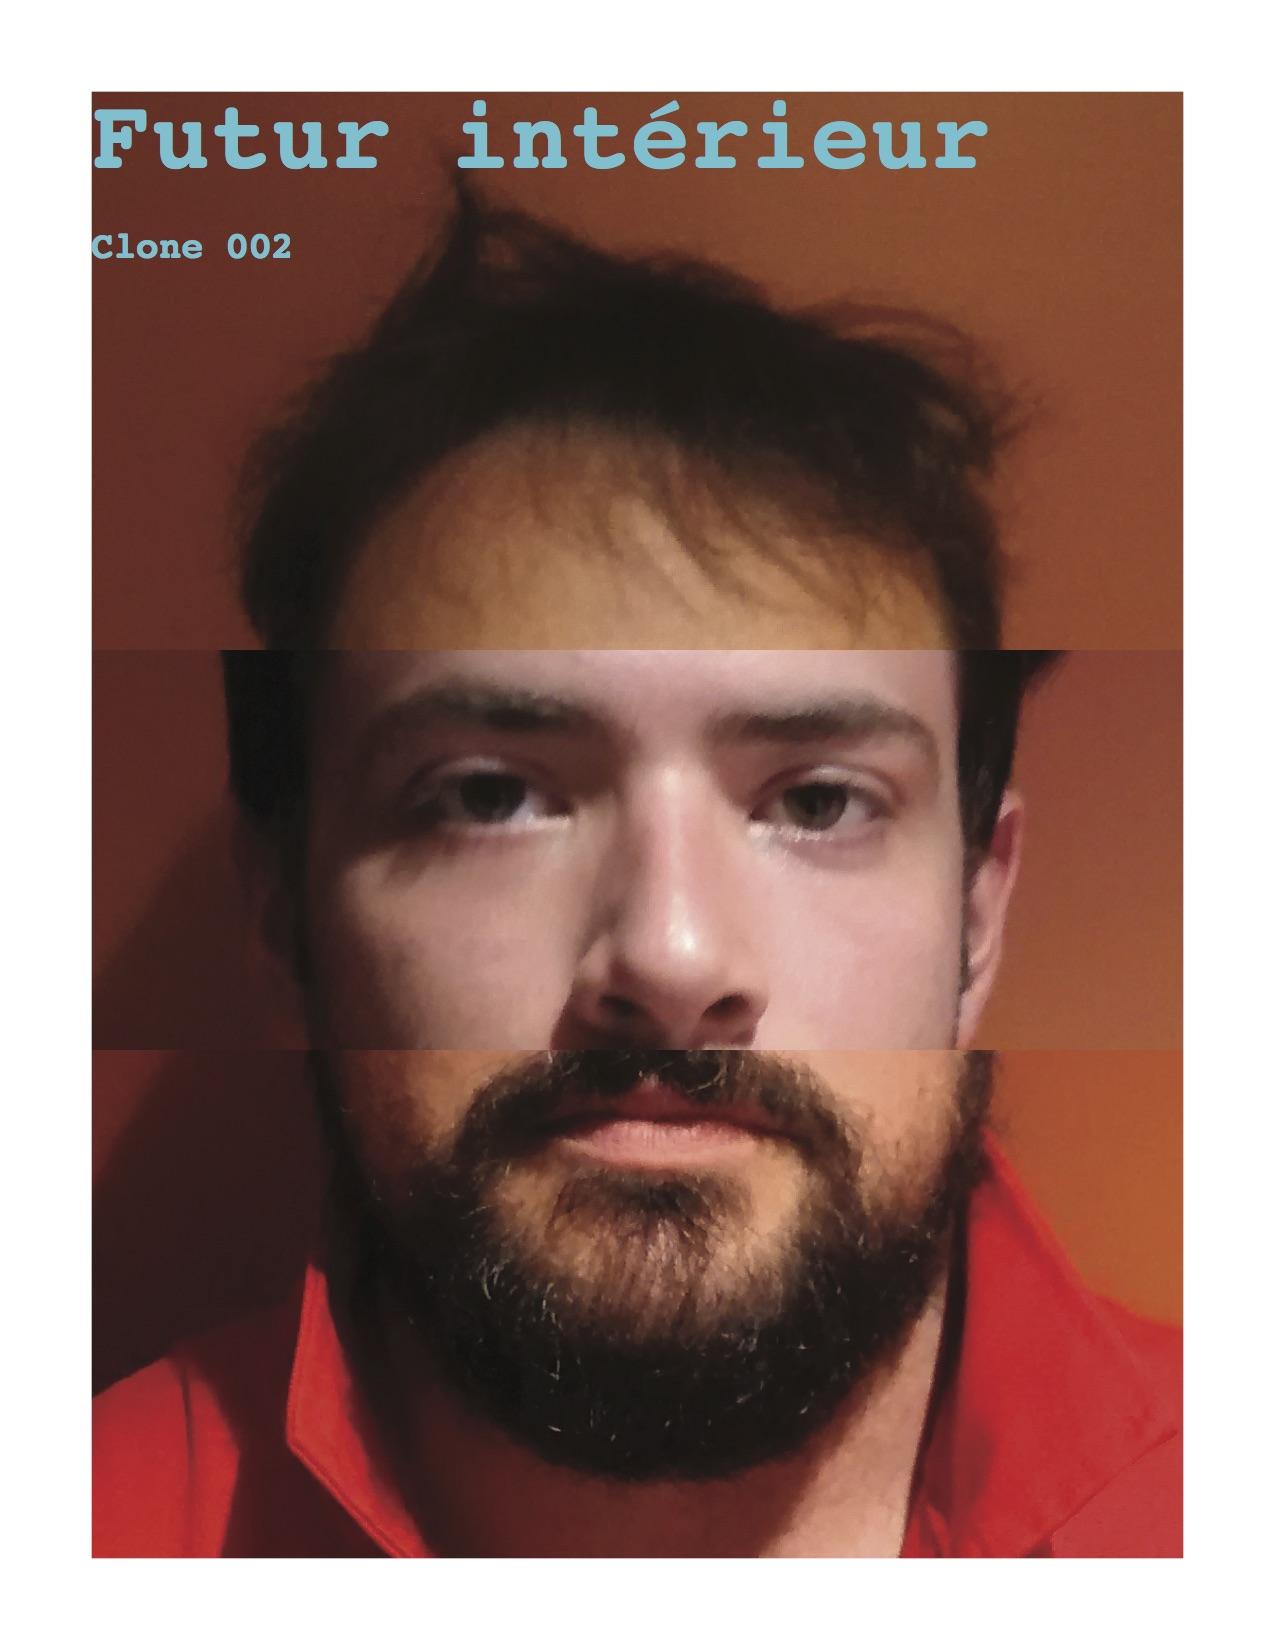 Clone002